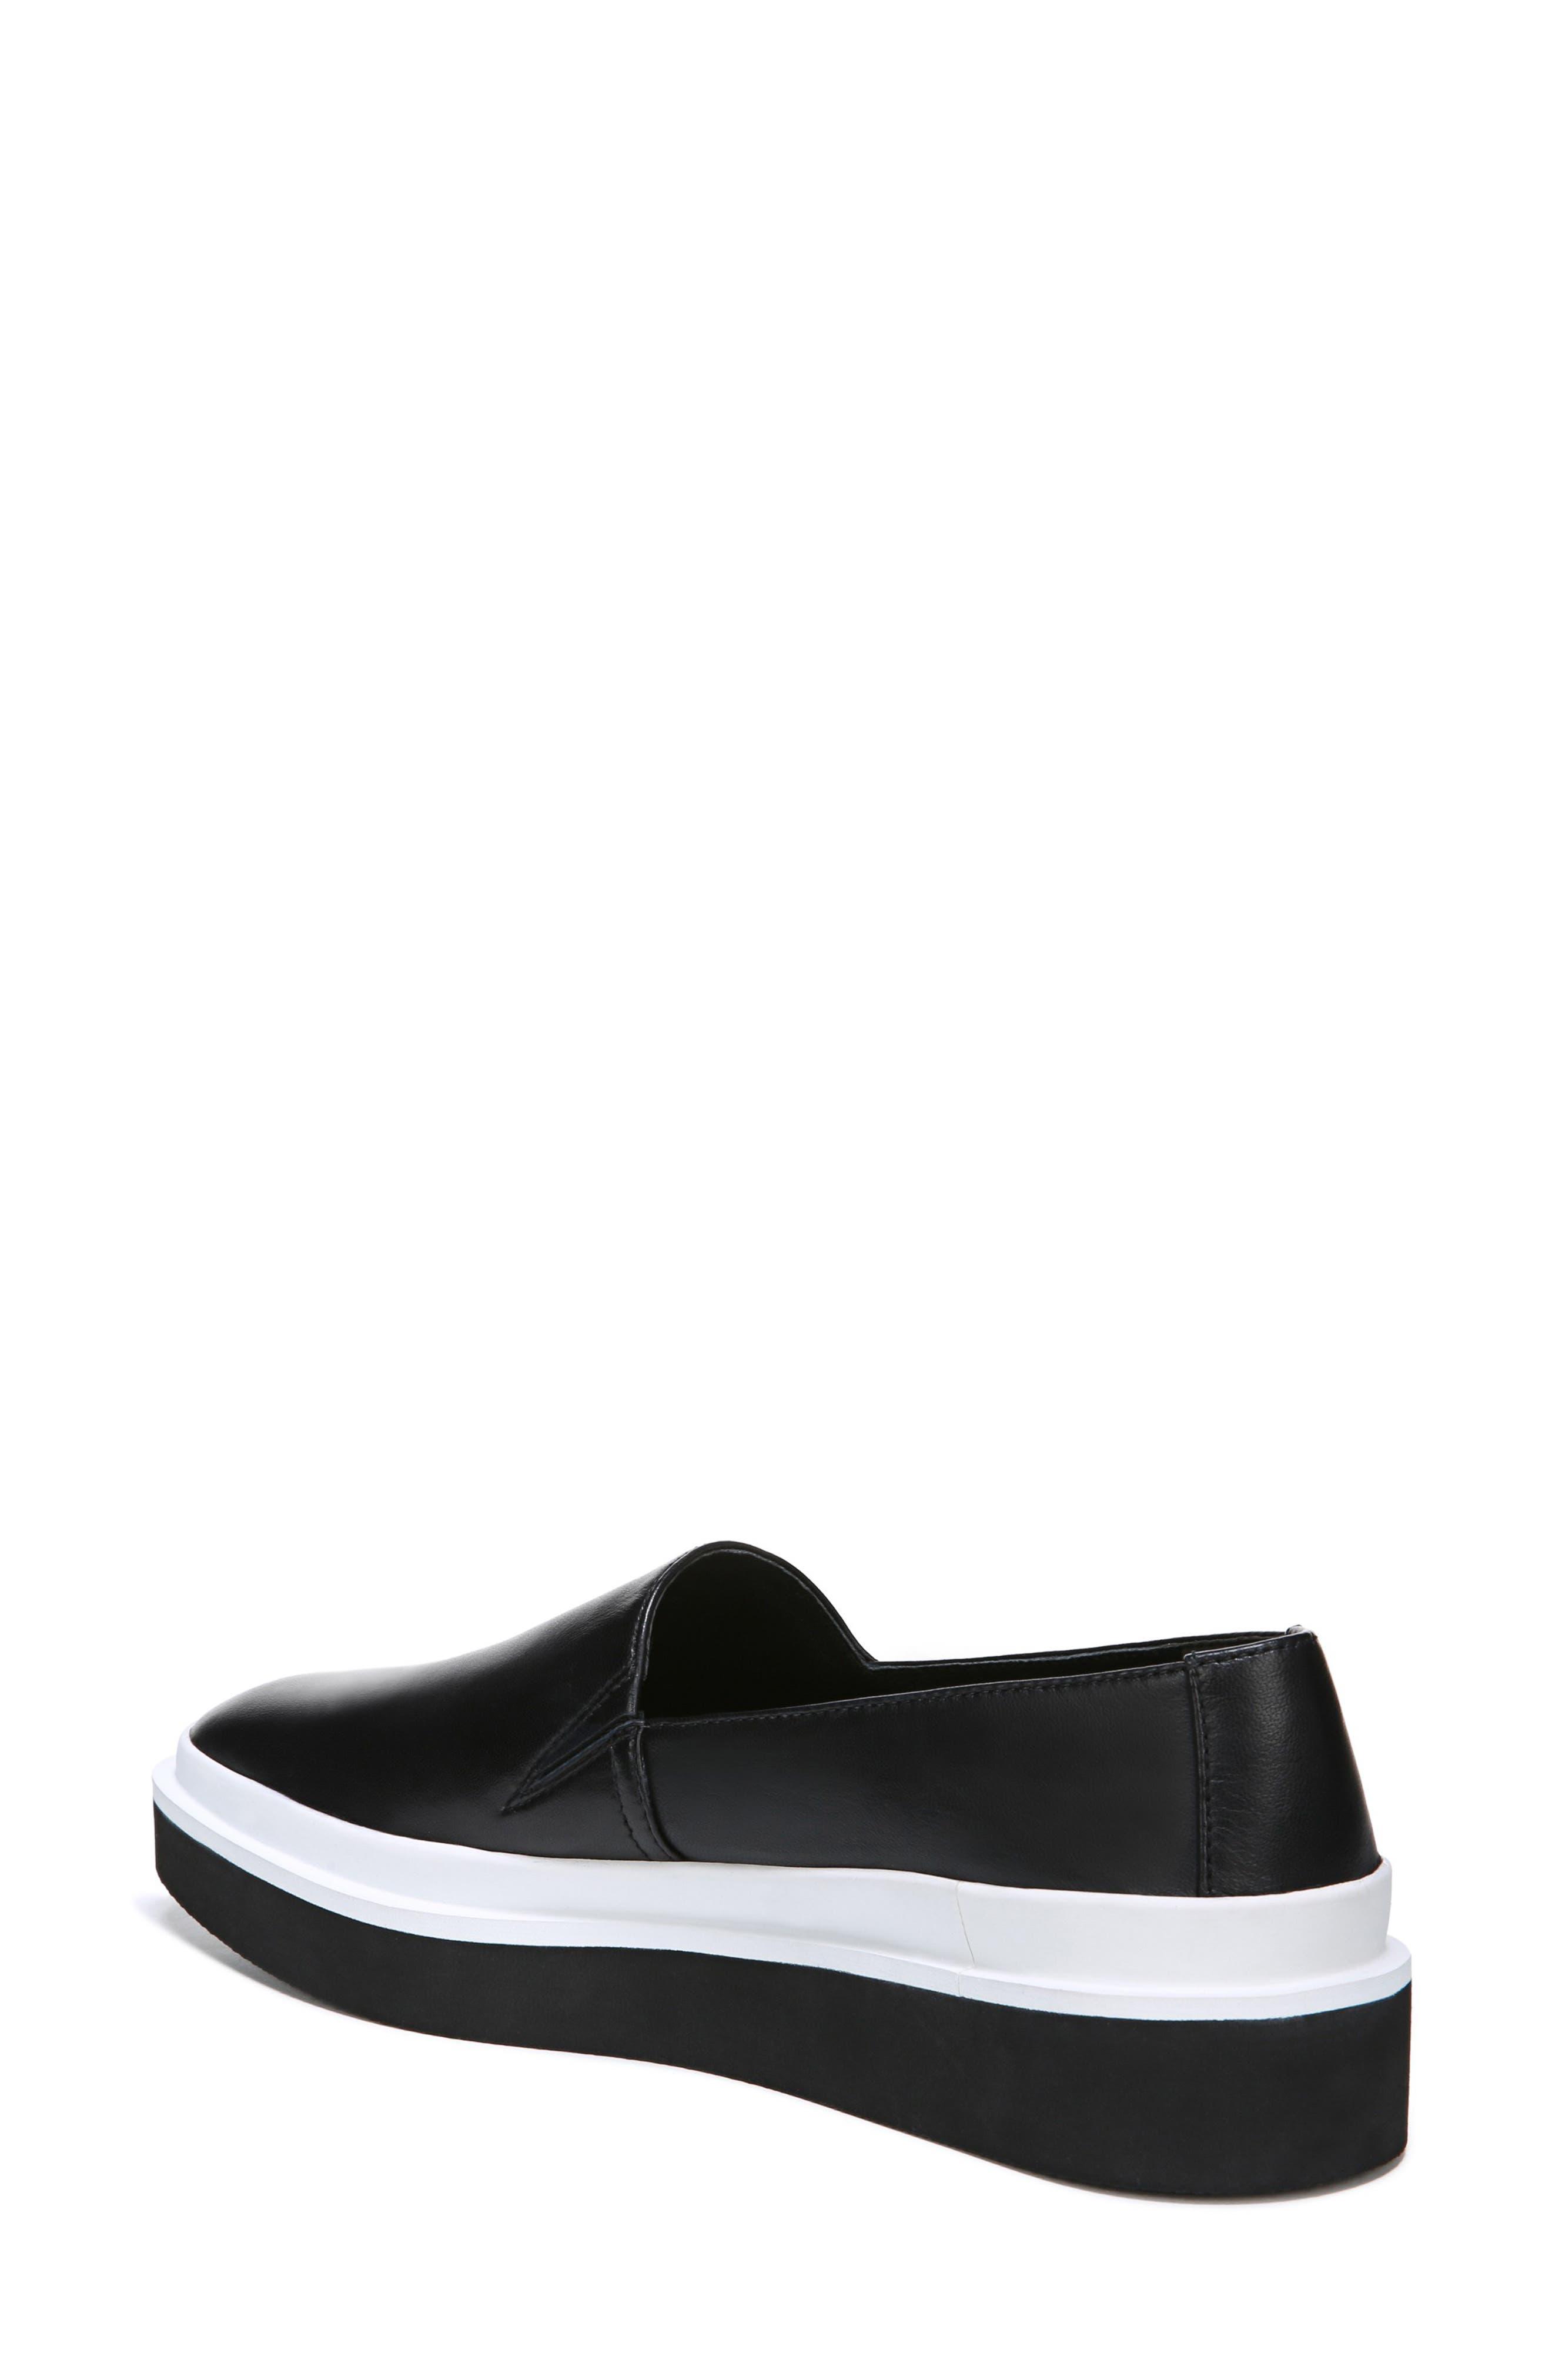 Travis Slip-on Sneaker,                             Alternate thumbnail 2, color,                             BLACK